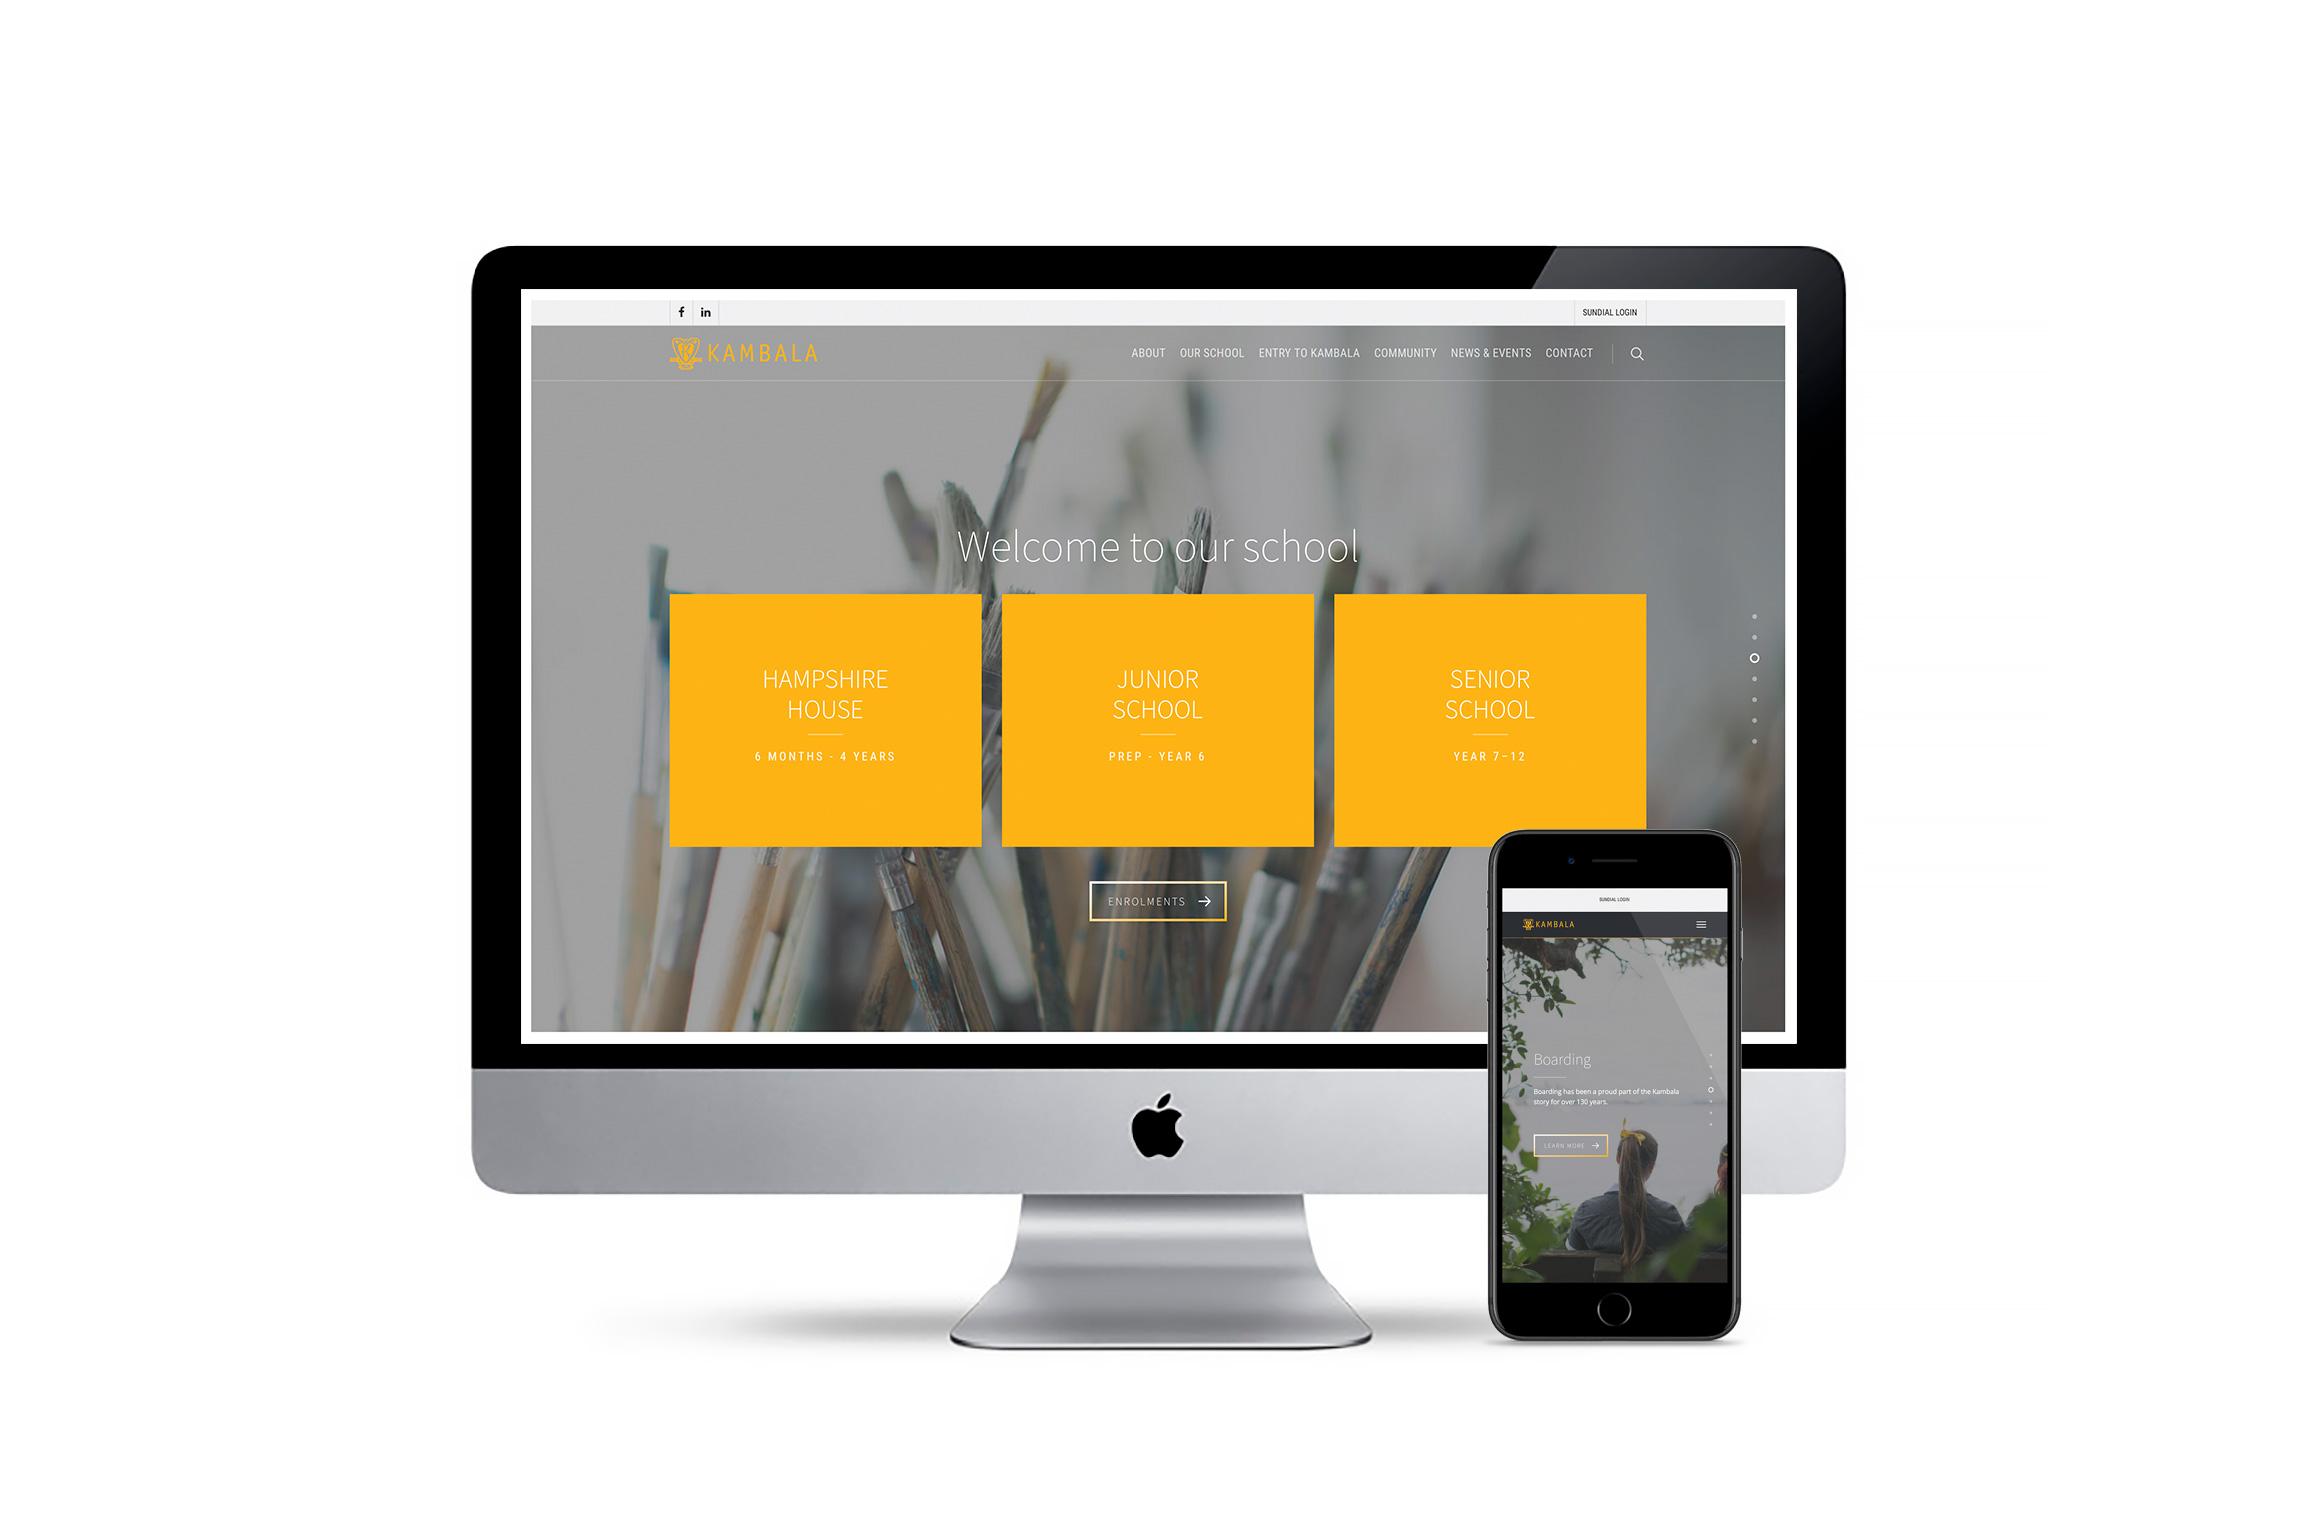 Kambala School website launched